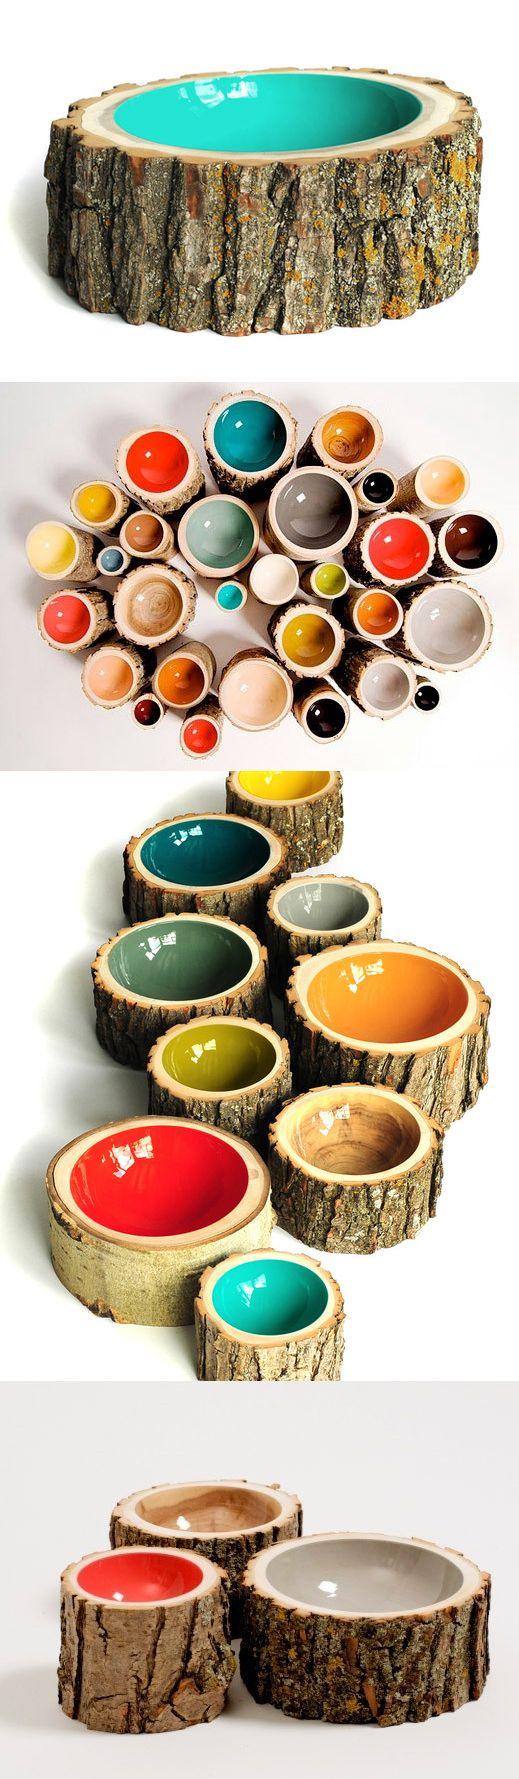 Bowls? Or wall application?